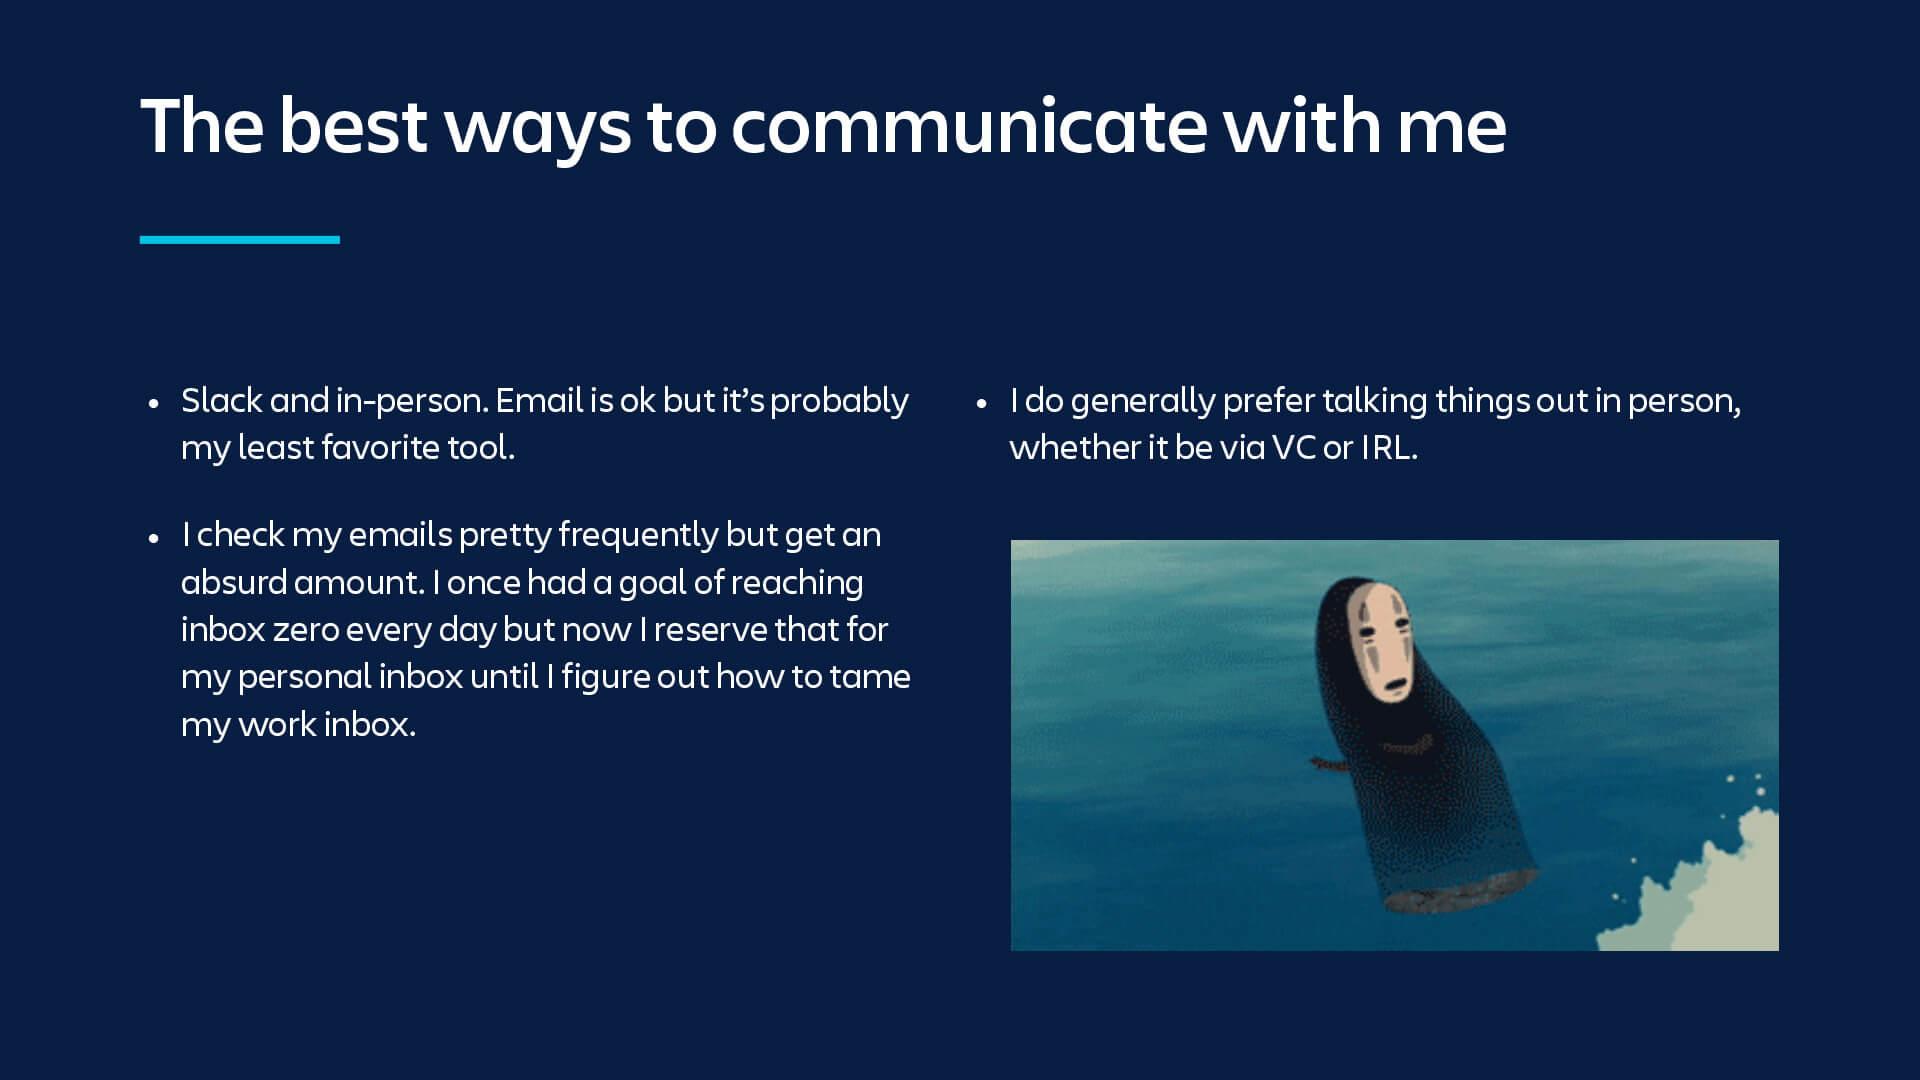 Explication sur la meilleure façon de communiquer